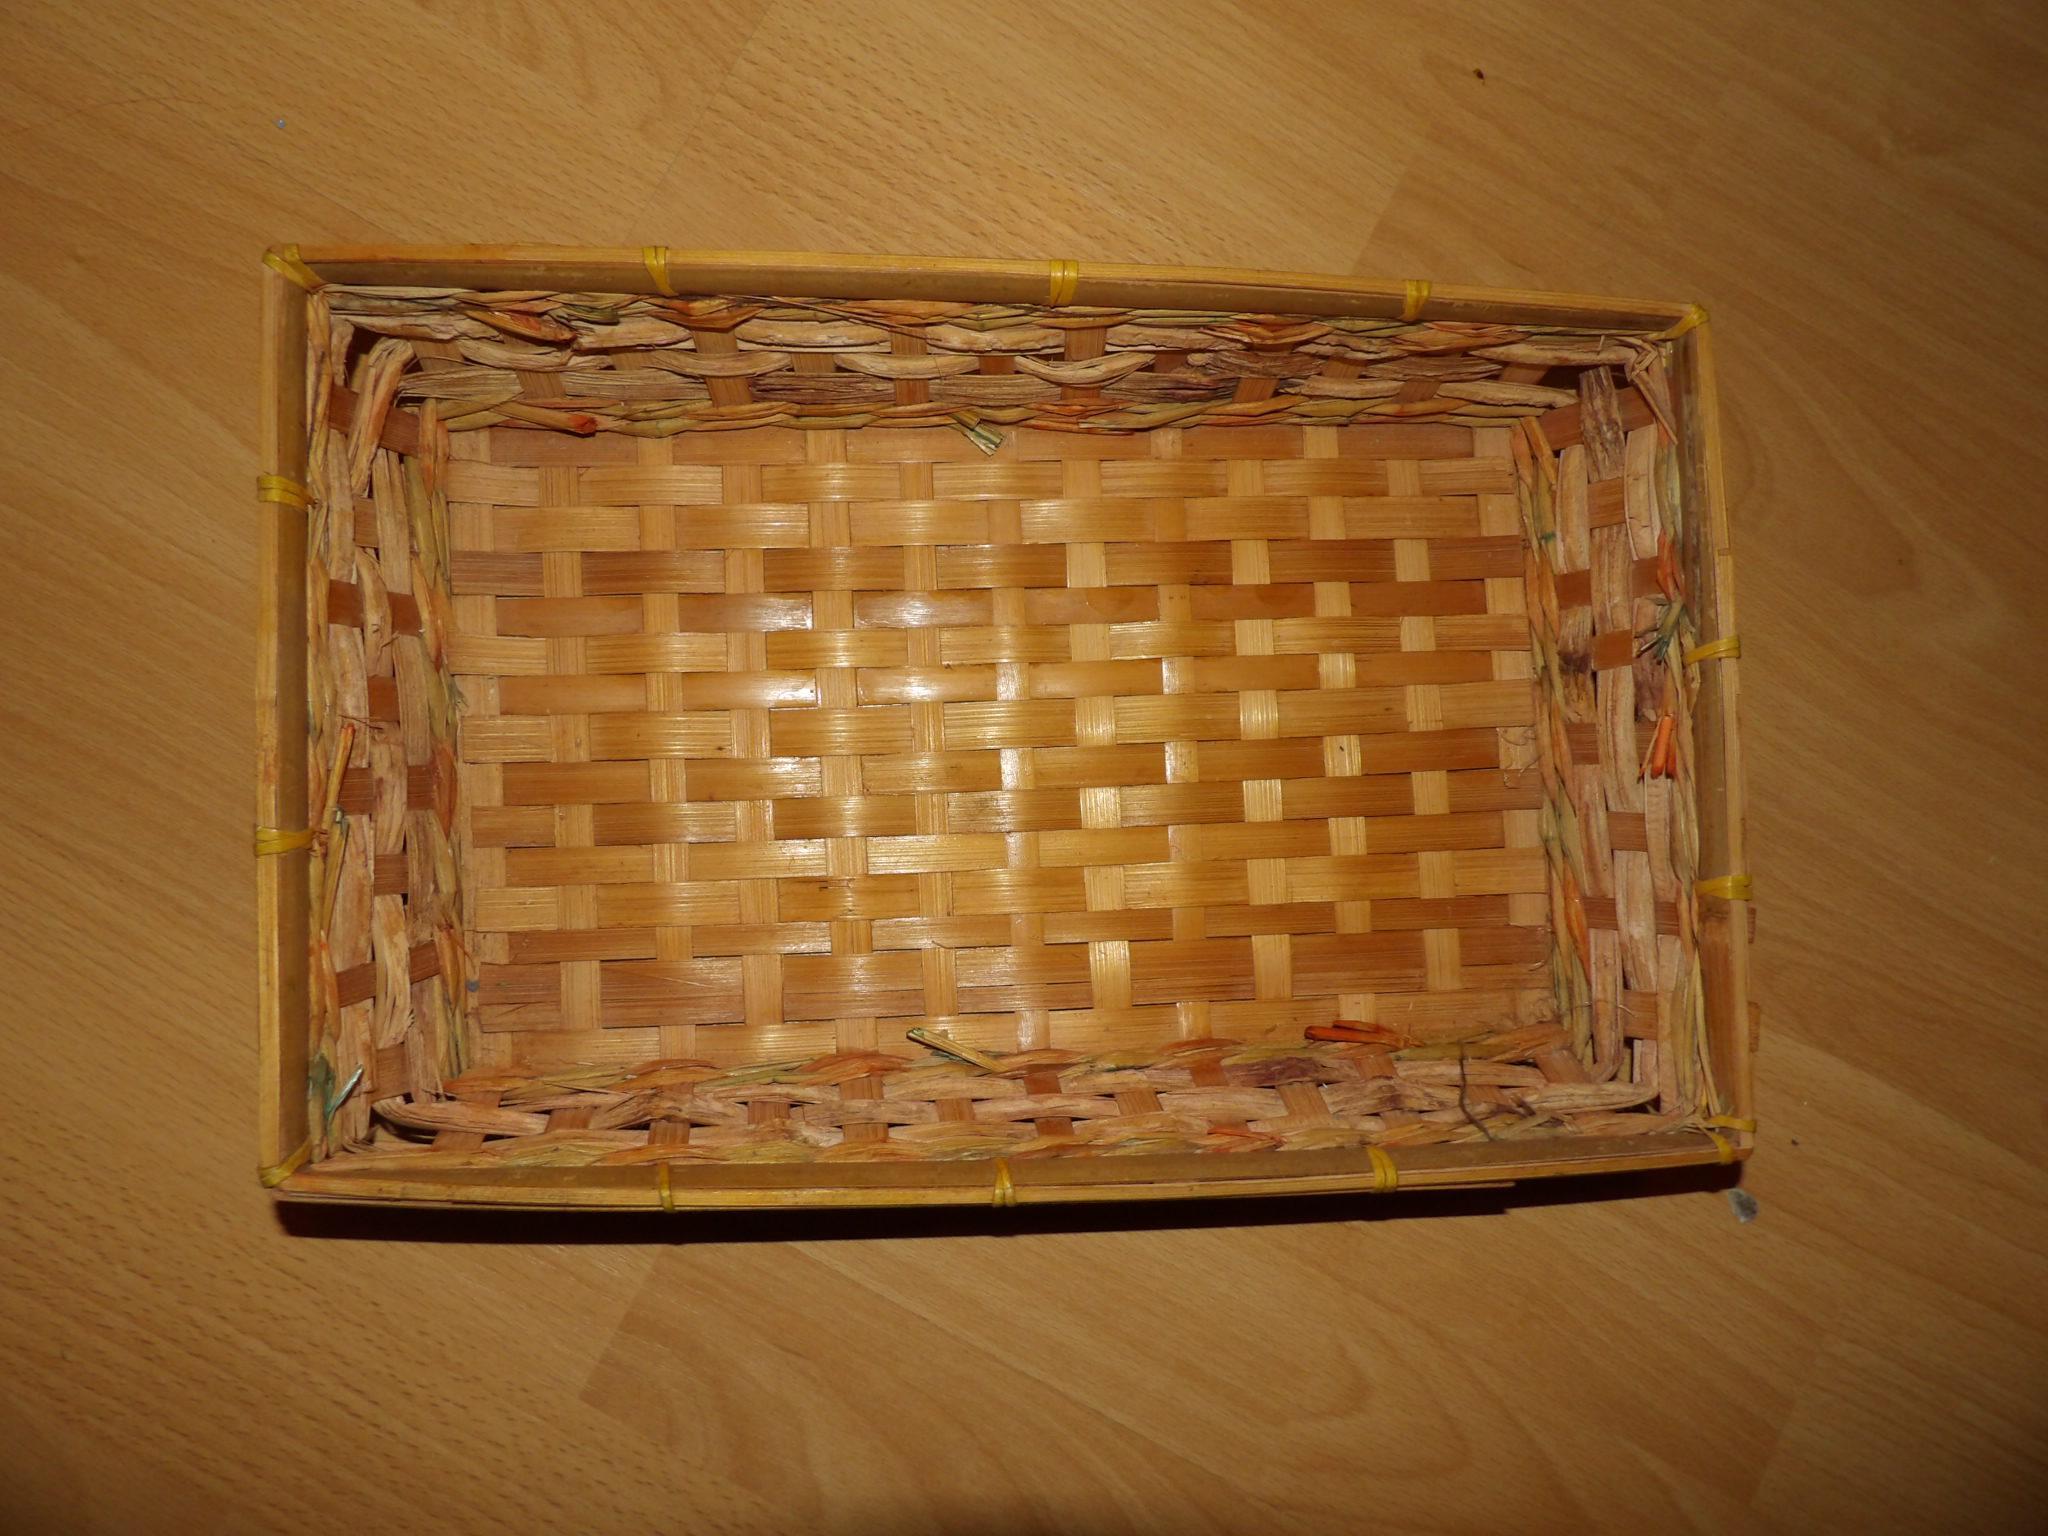 troc de troc corbeille osier rectangle 35 cm environ image 0